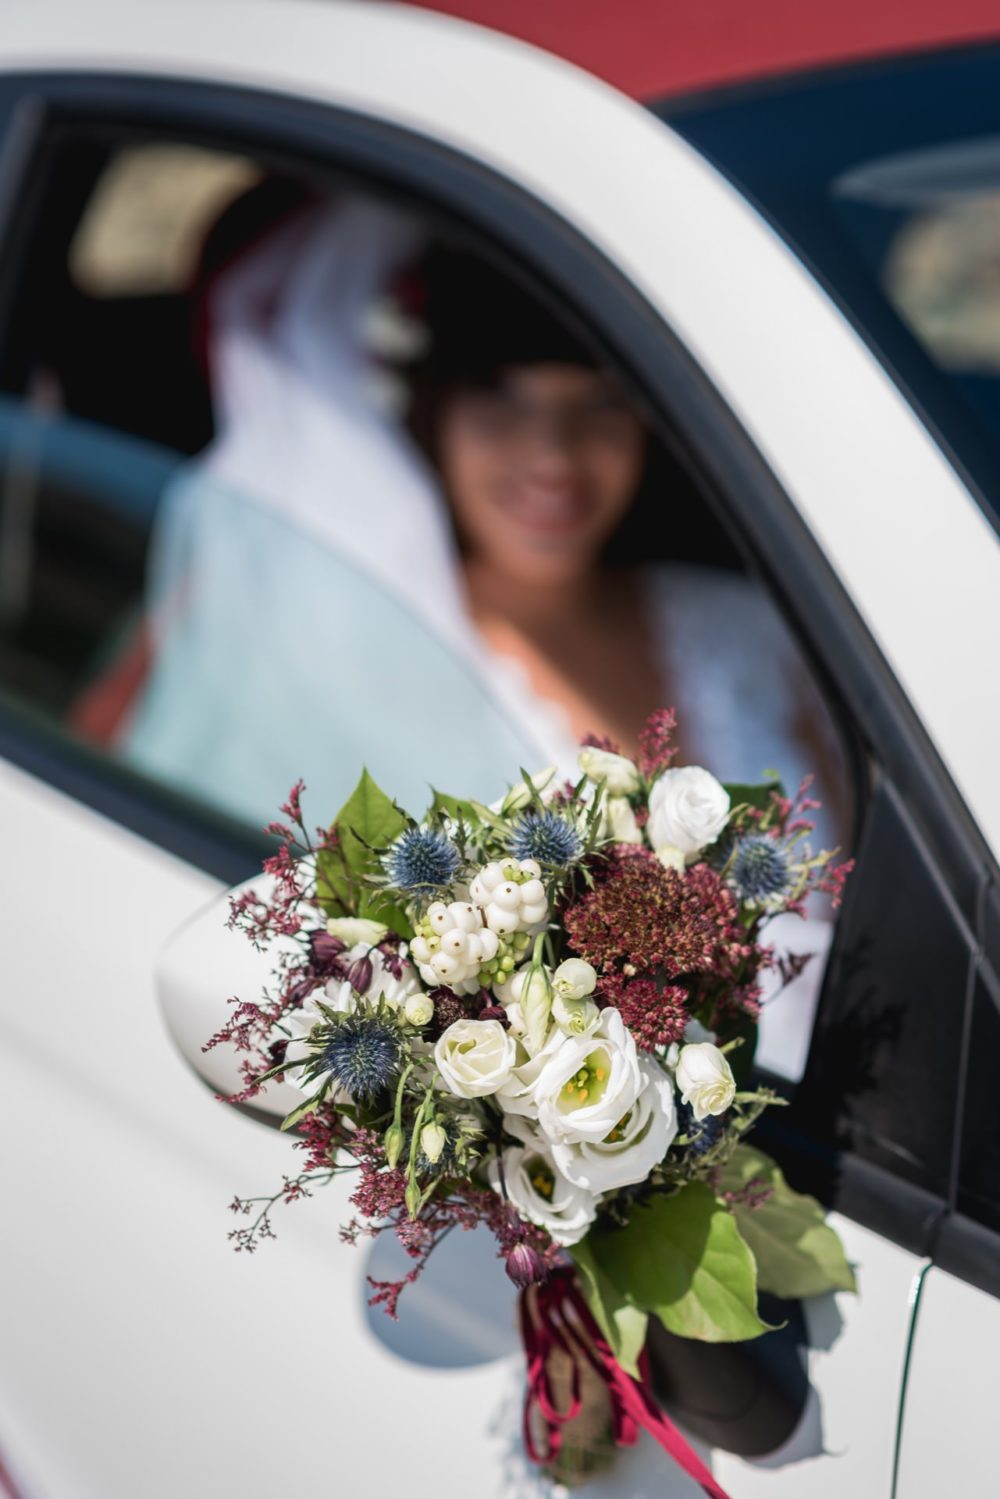 Fotografisi Gamou Wedding Gamos Fotografos Alekos & Mania072